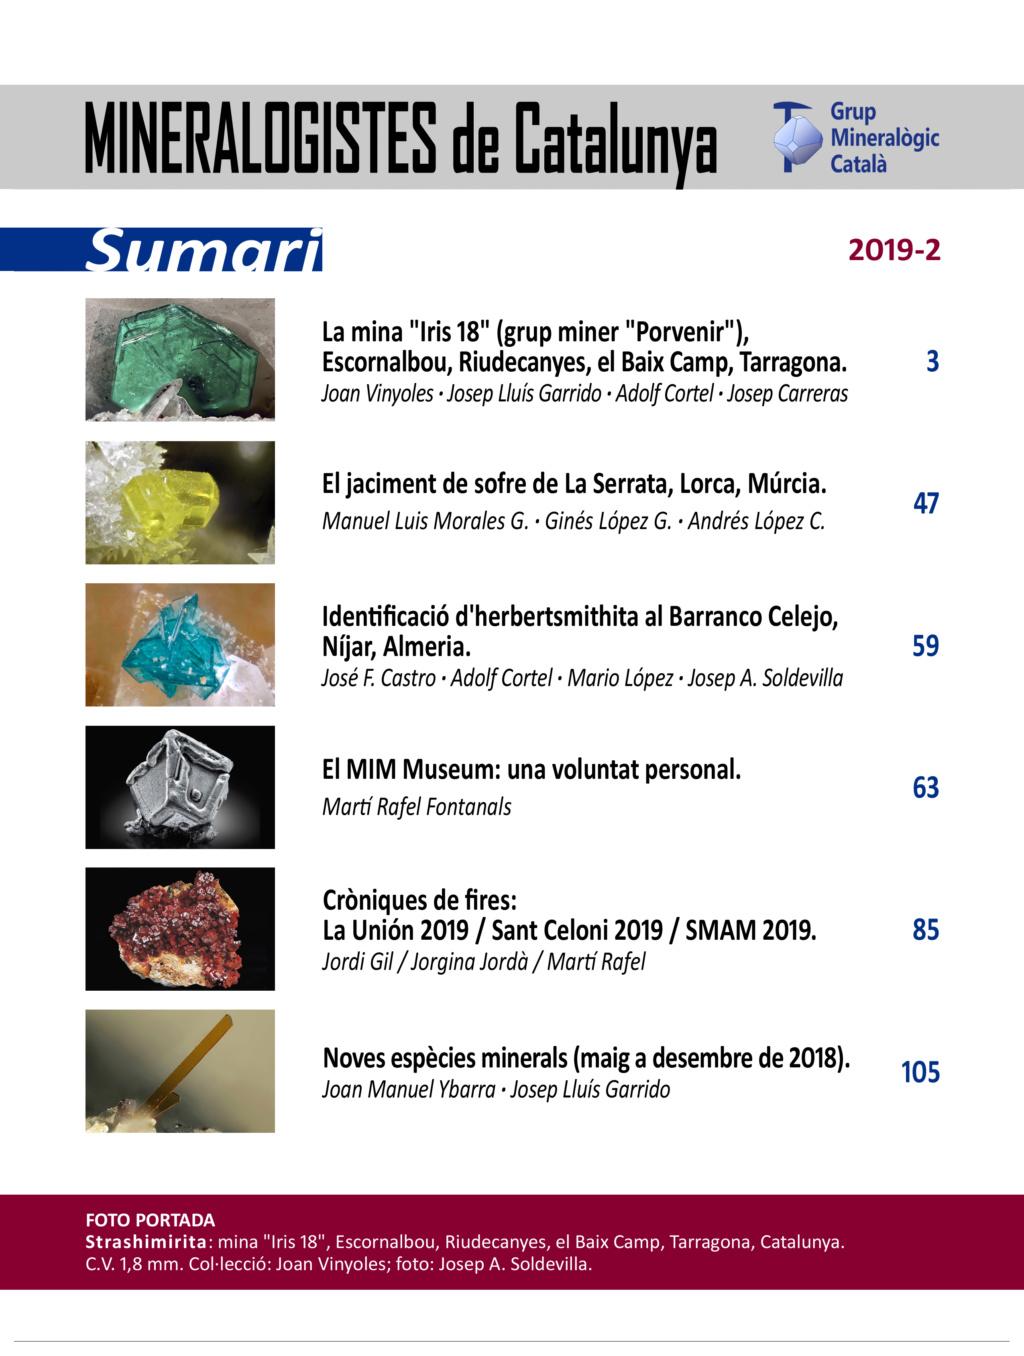 Mineralogistes de Catalunya y Paragénesis 2019 / 2 Mdc_2013